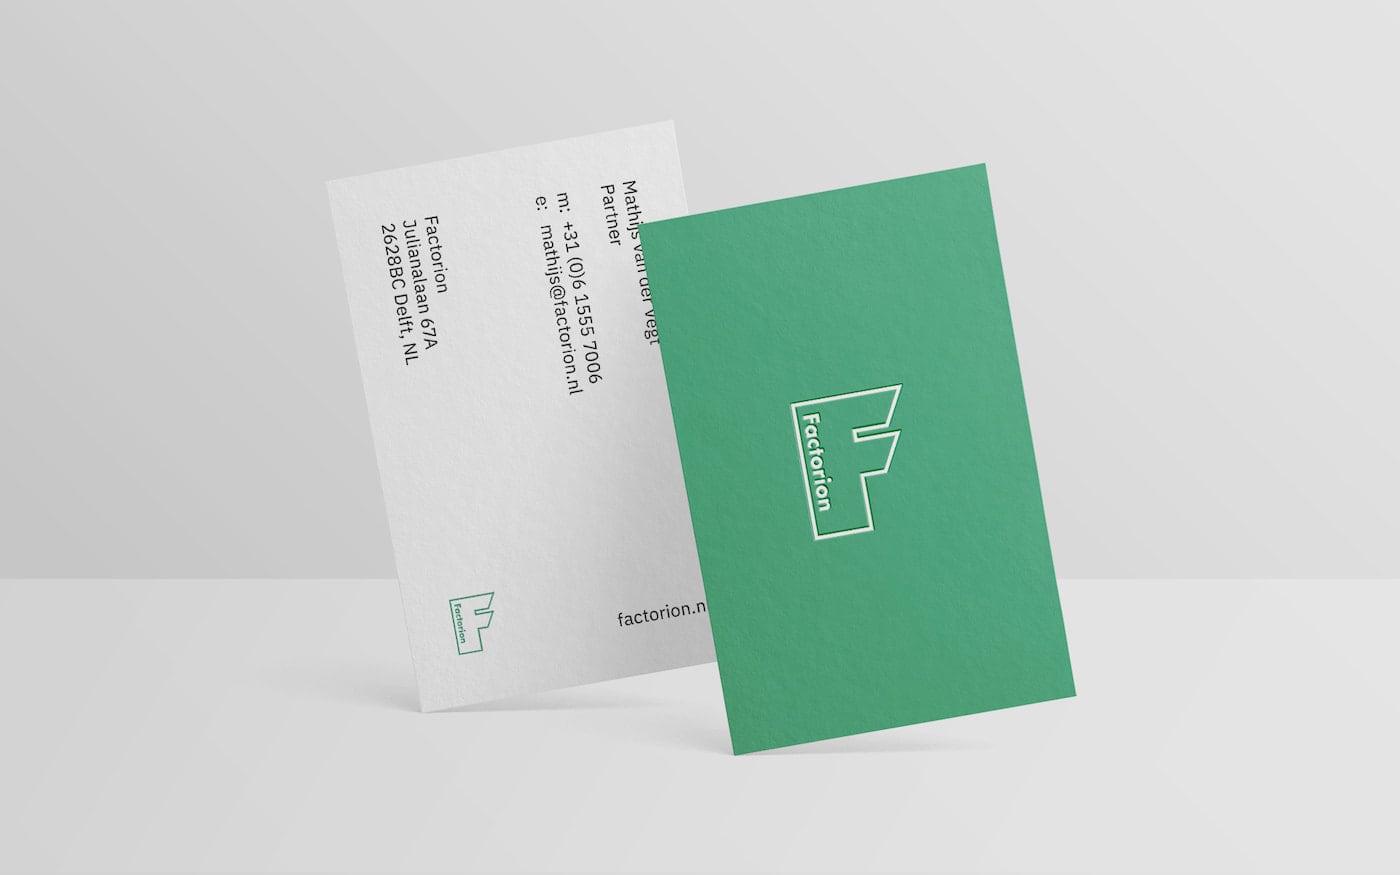 Factorion grid-based business card design